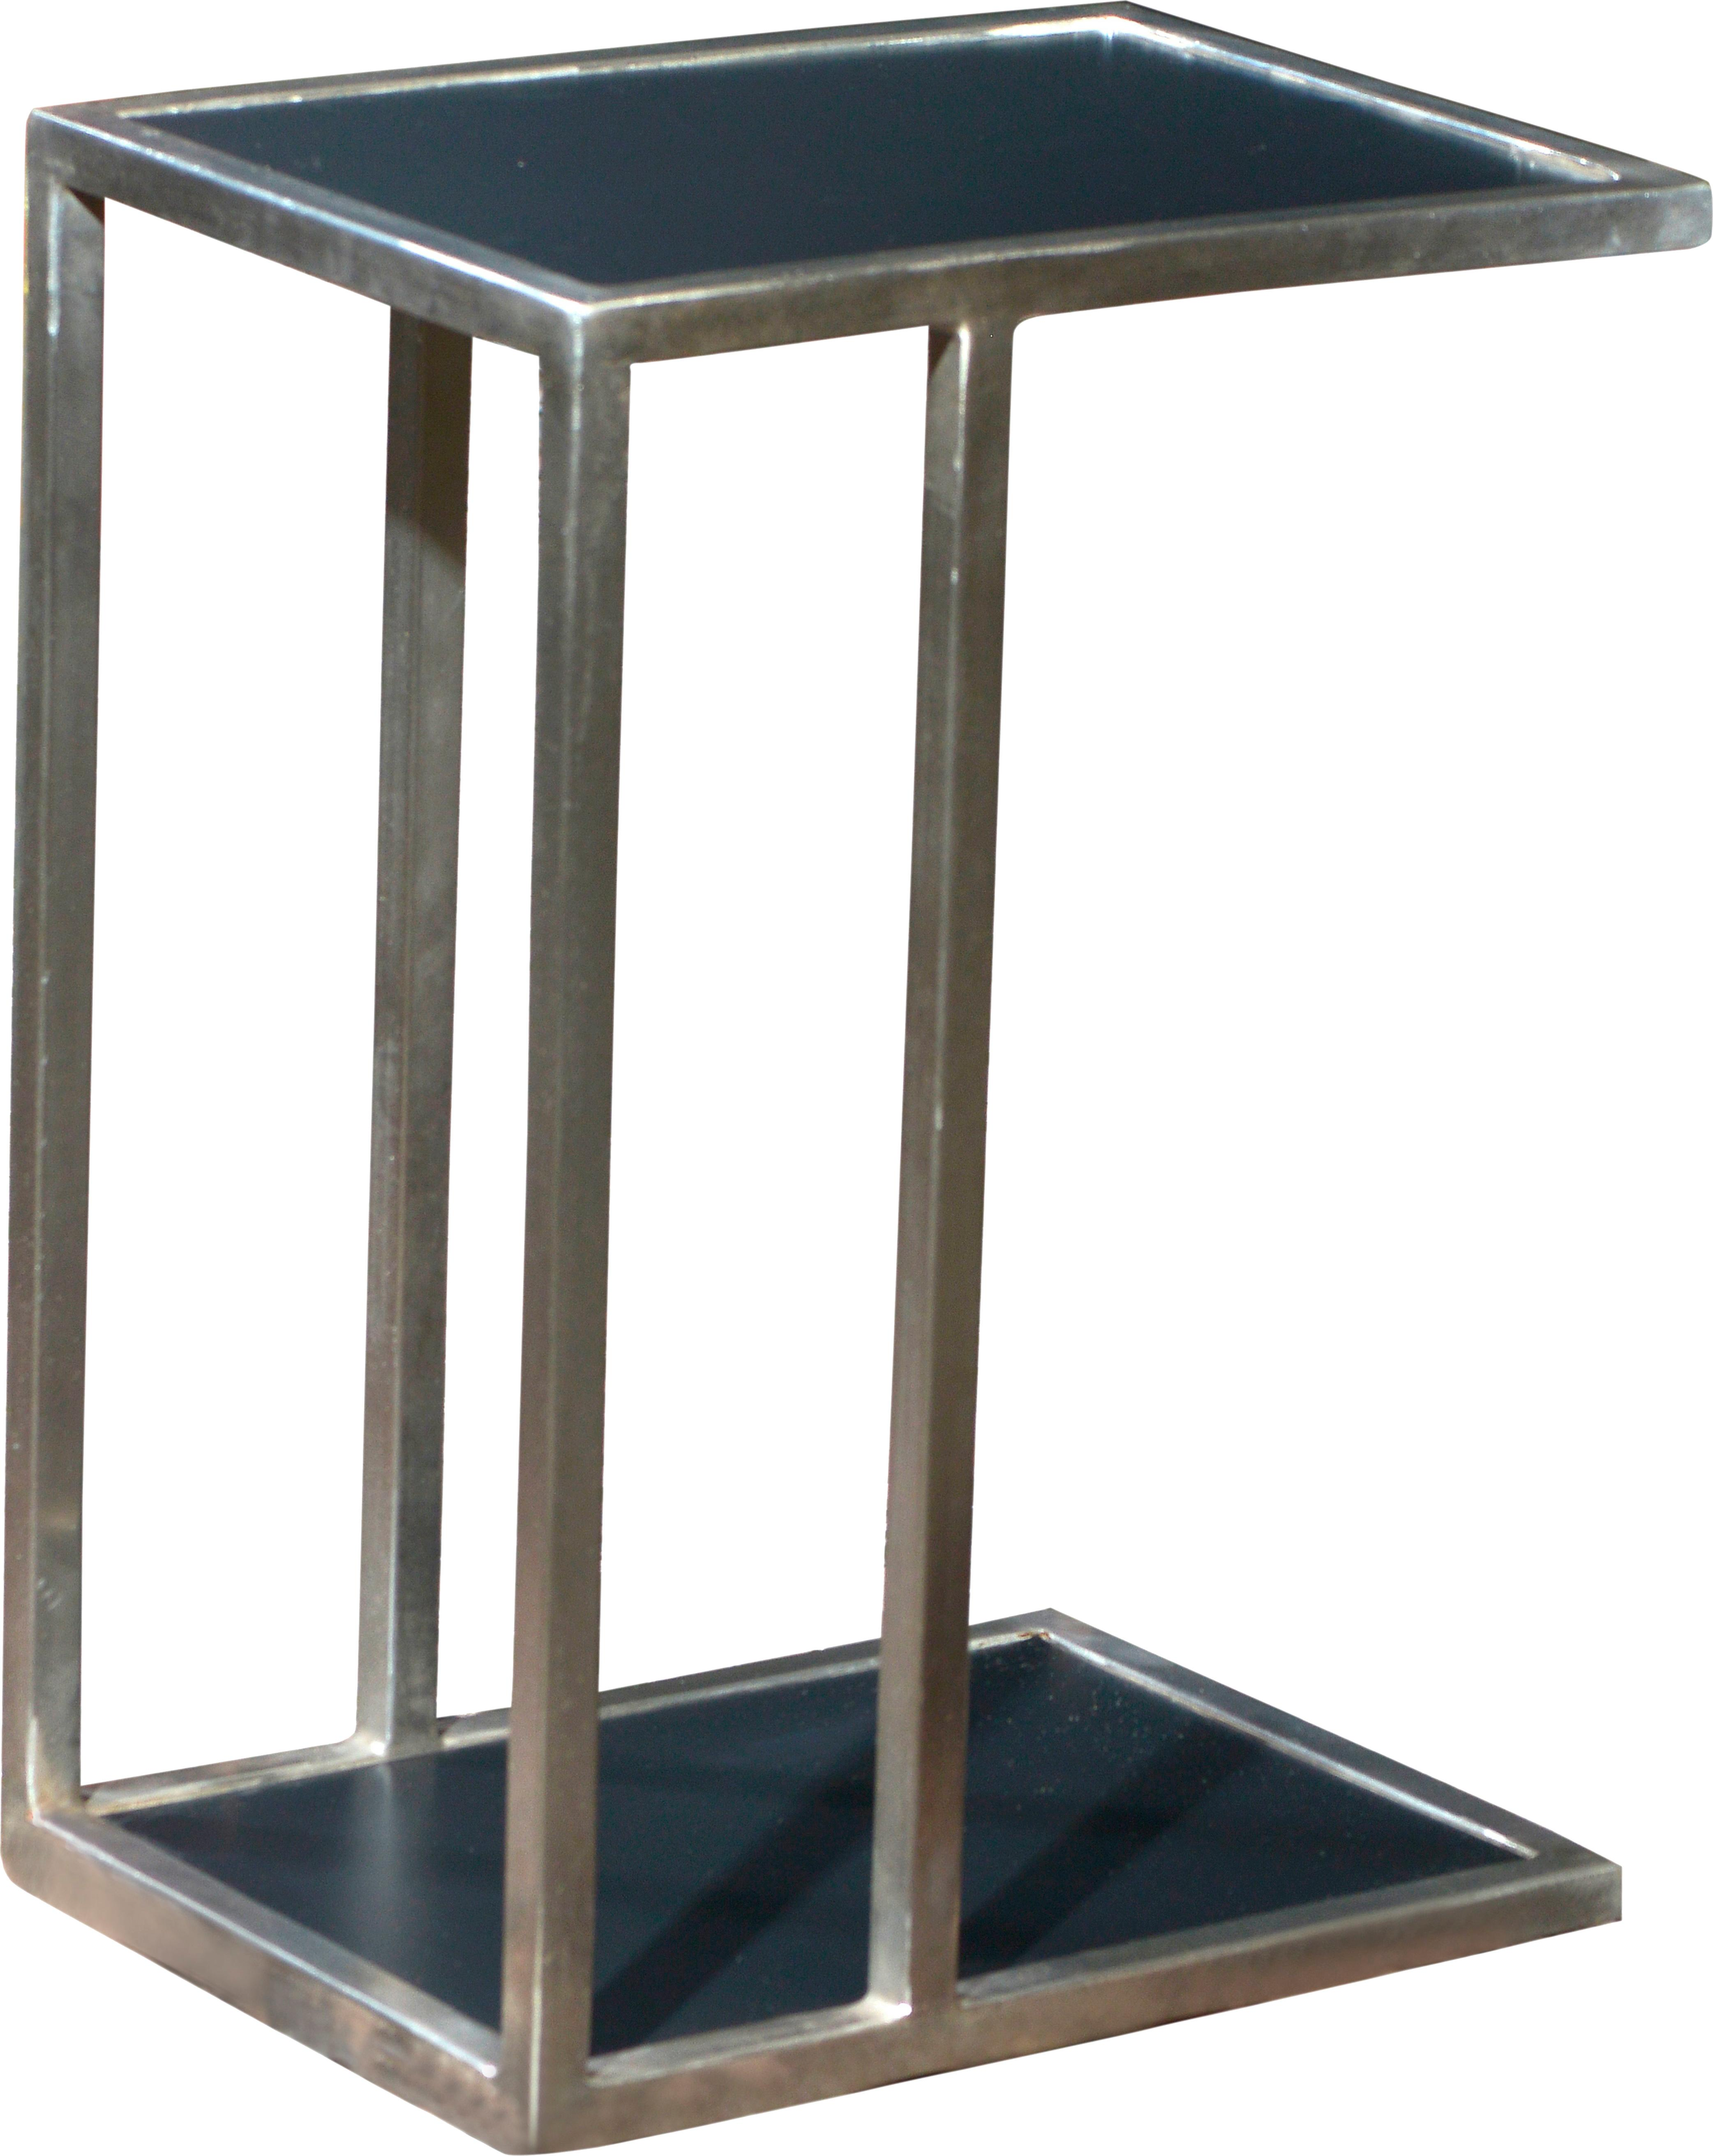 SIT Beistelltisch Art&Deco Wohnen/Räume/Wohnzimmer/Couchtische & Beistelltische/Beistelltische